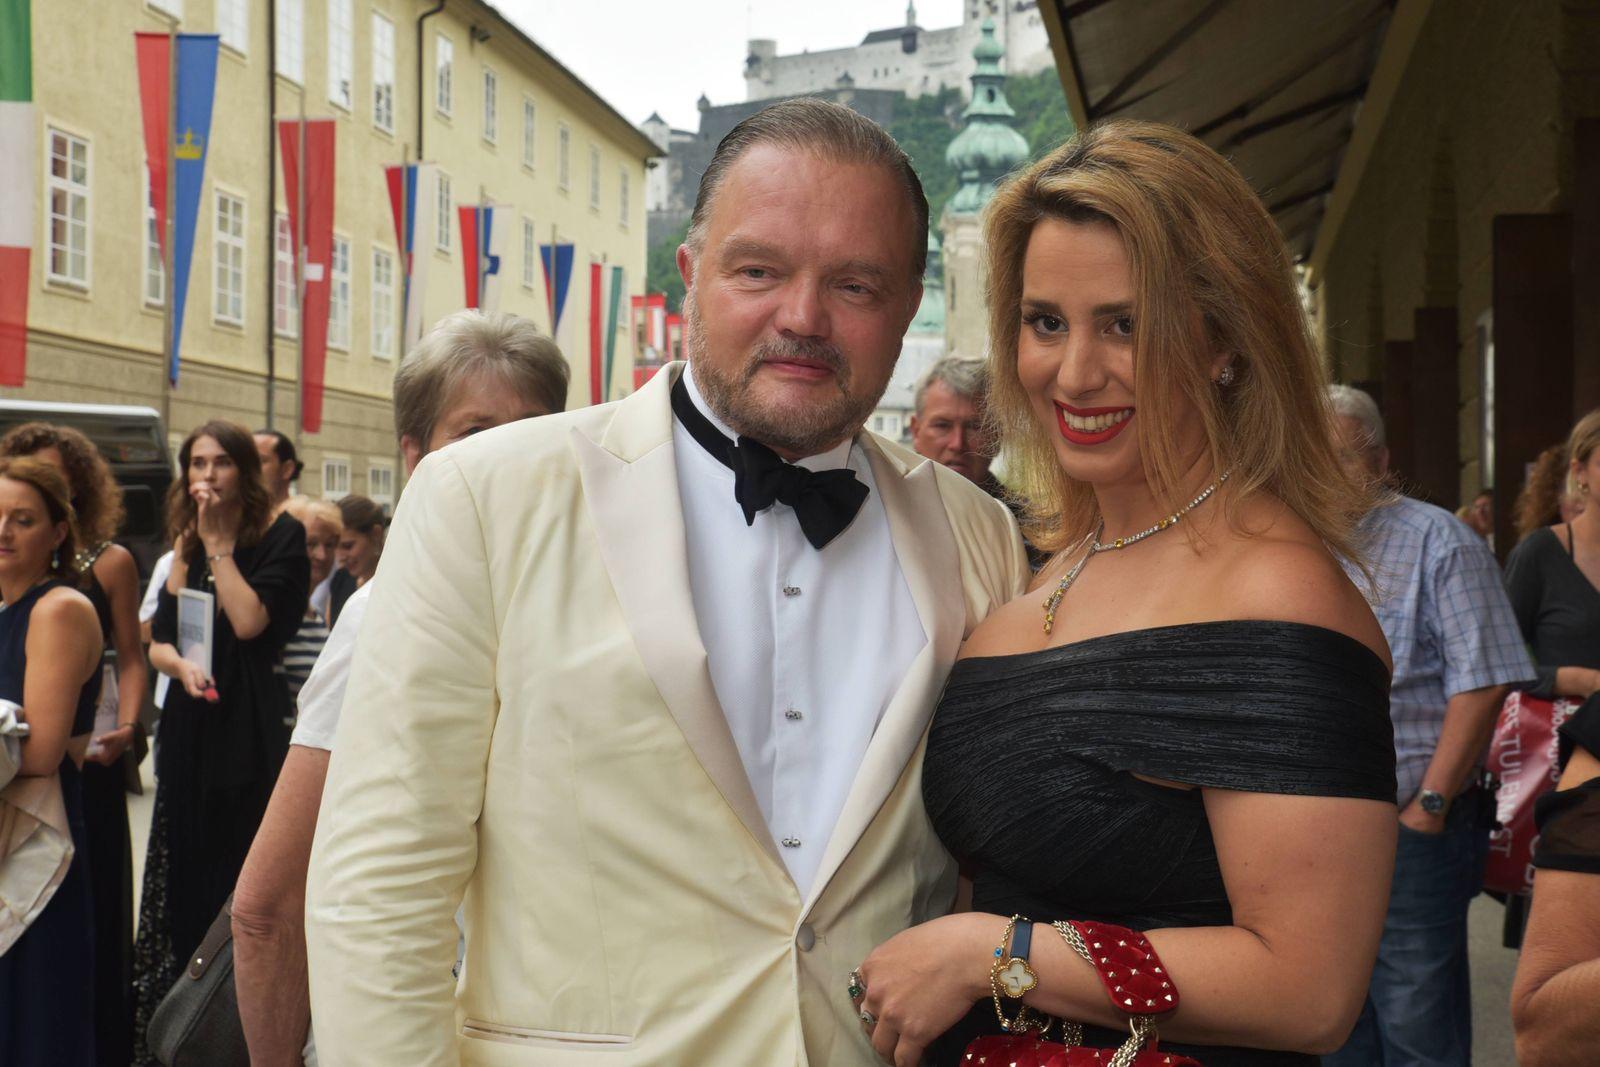 Entertainment Bilder des Tages Alexander Prinz zu Schaumburg Lippe Mahkameh Navabi Adriana Lecouvr